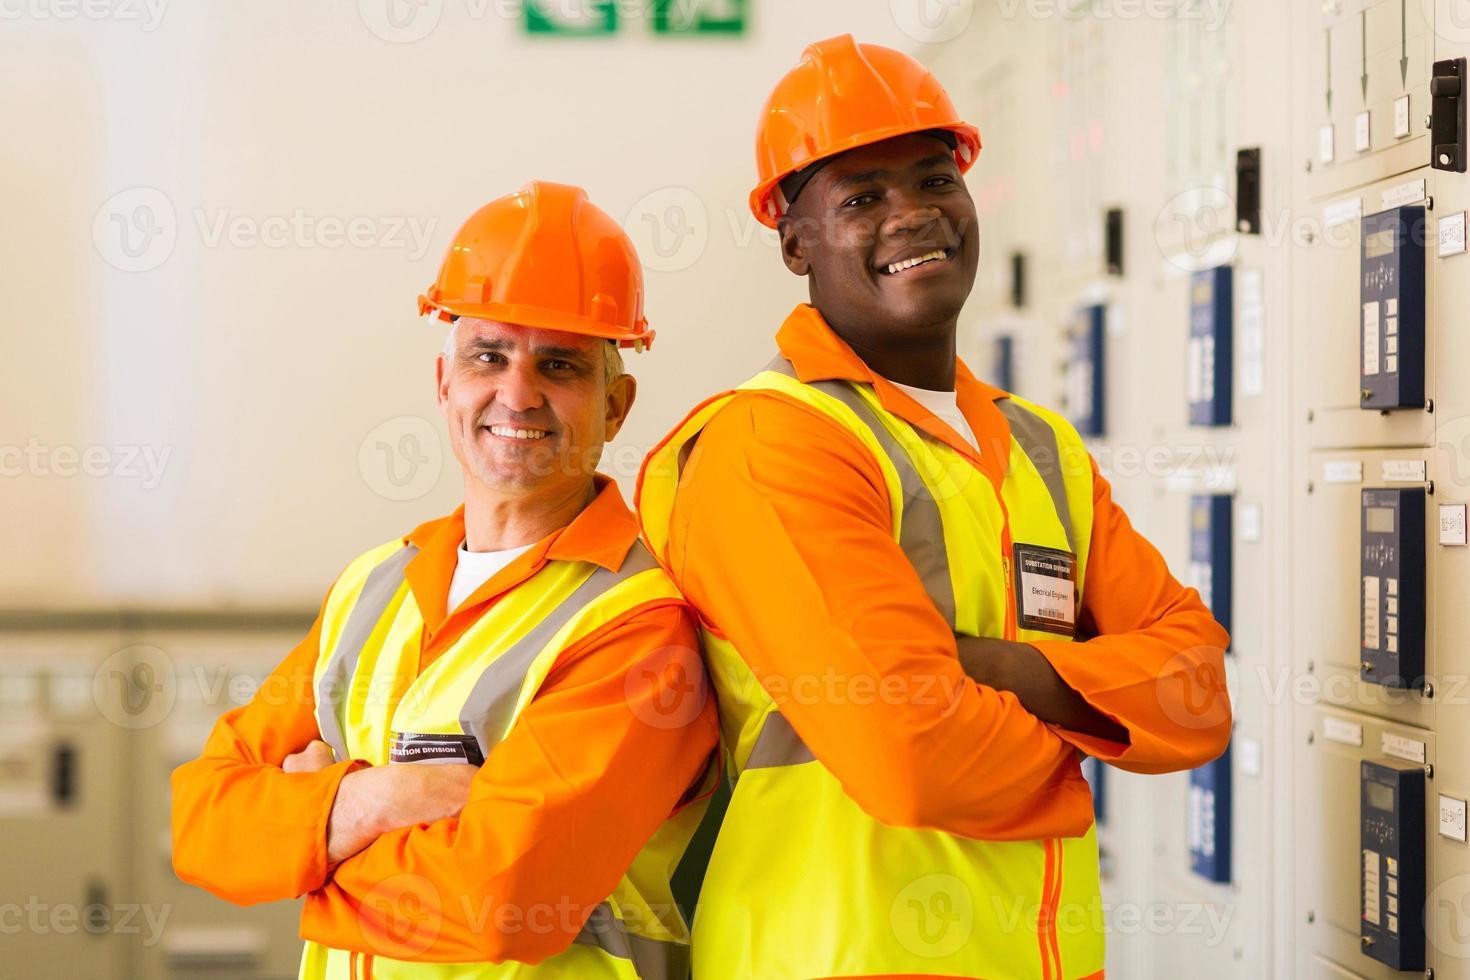 Wirtschaftsingenieure mit verschränkten Armen im Kontrollraum des Kraftwerks foto